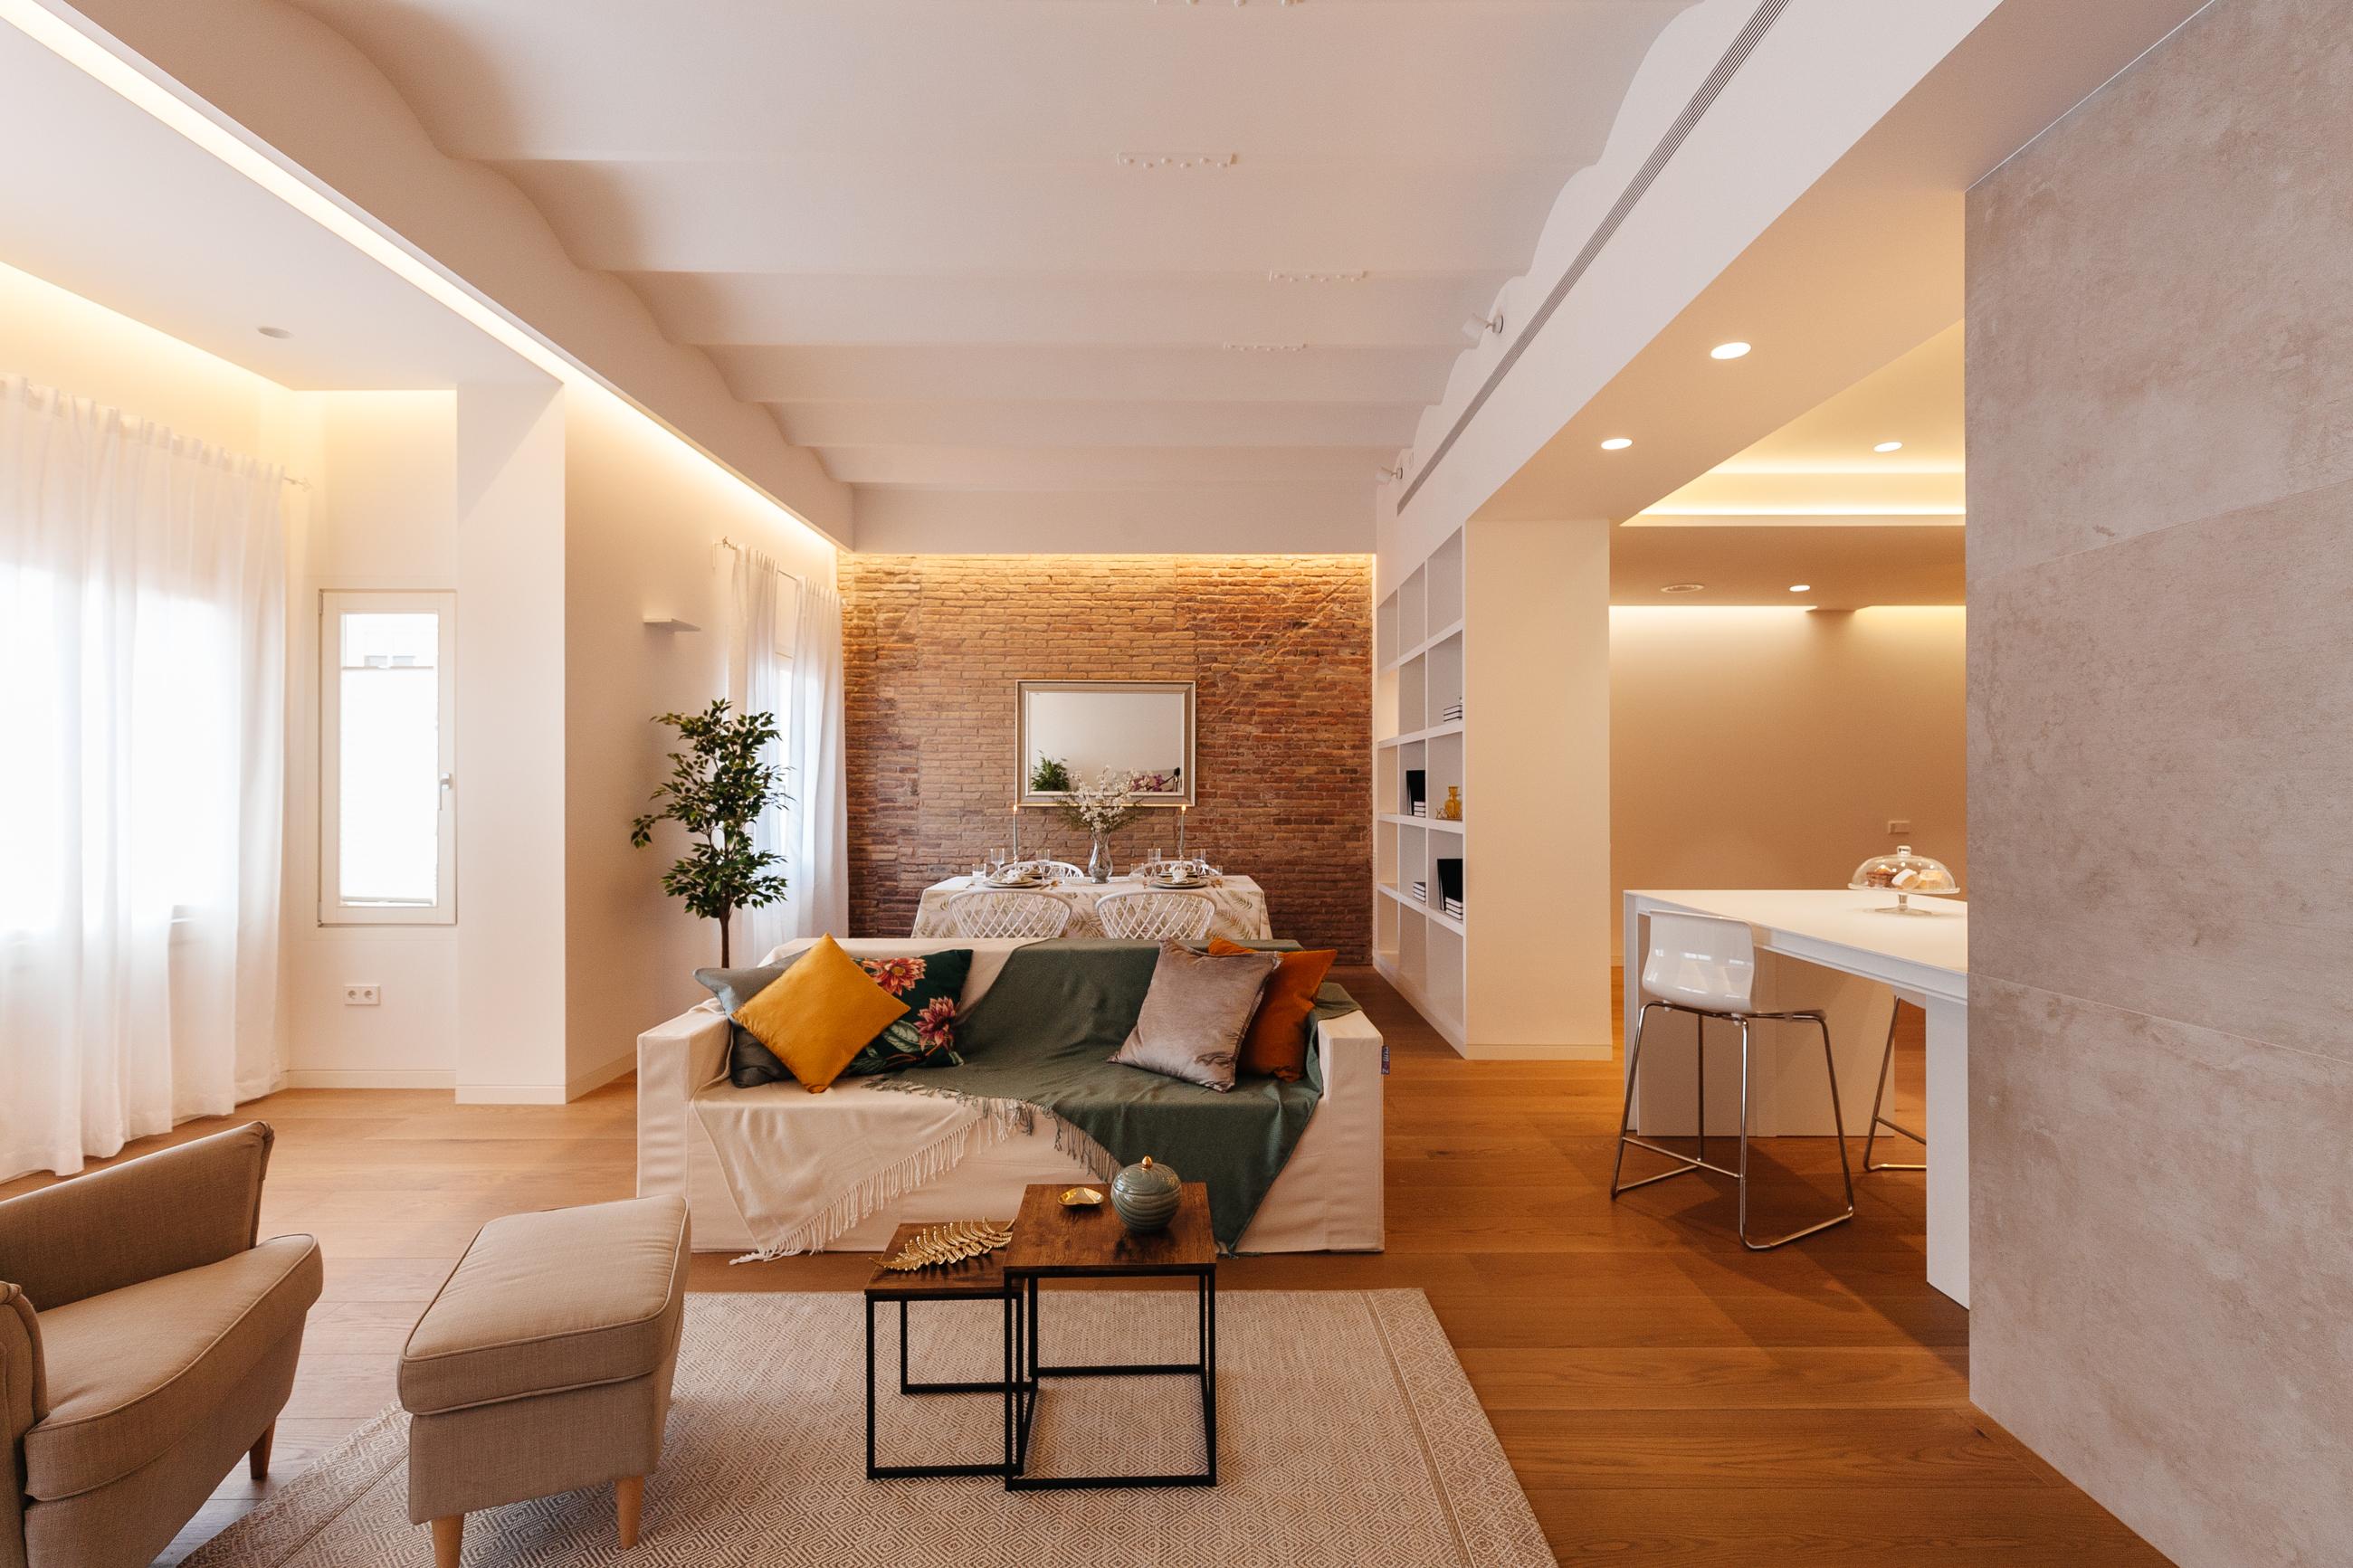 Piso de lujo en venta en barcelona paseo de gracia pisos mil - Subastas de pisos en barcelona ...